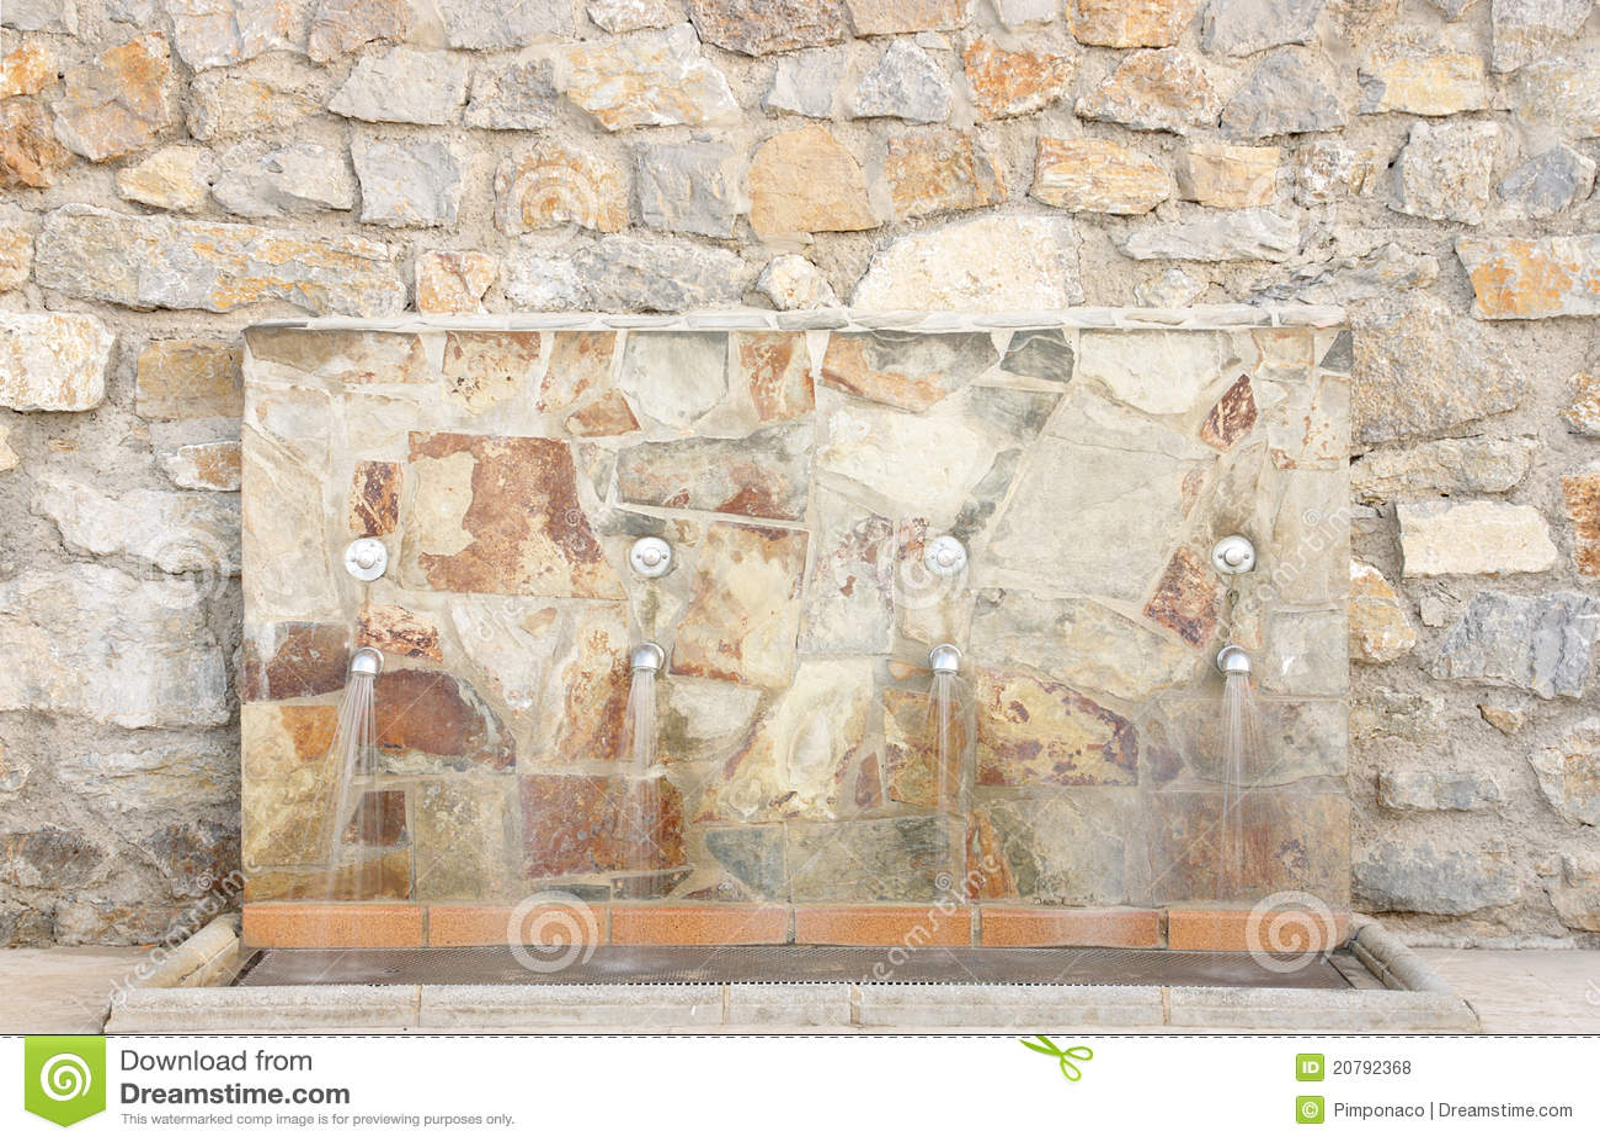 Fuente de agua en la pared de la piedra foto de archivo - Pared de piedra ...